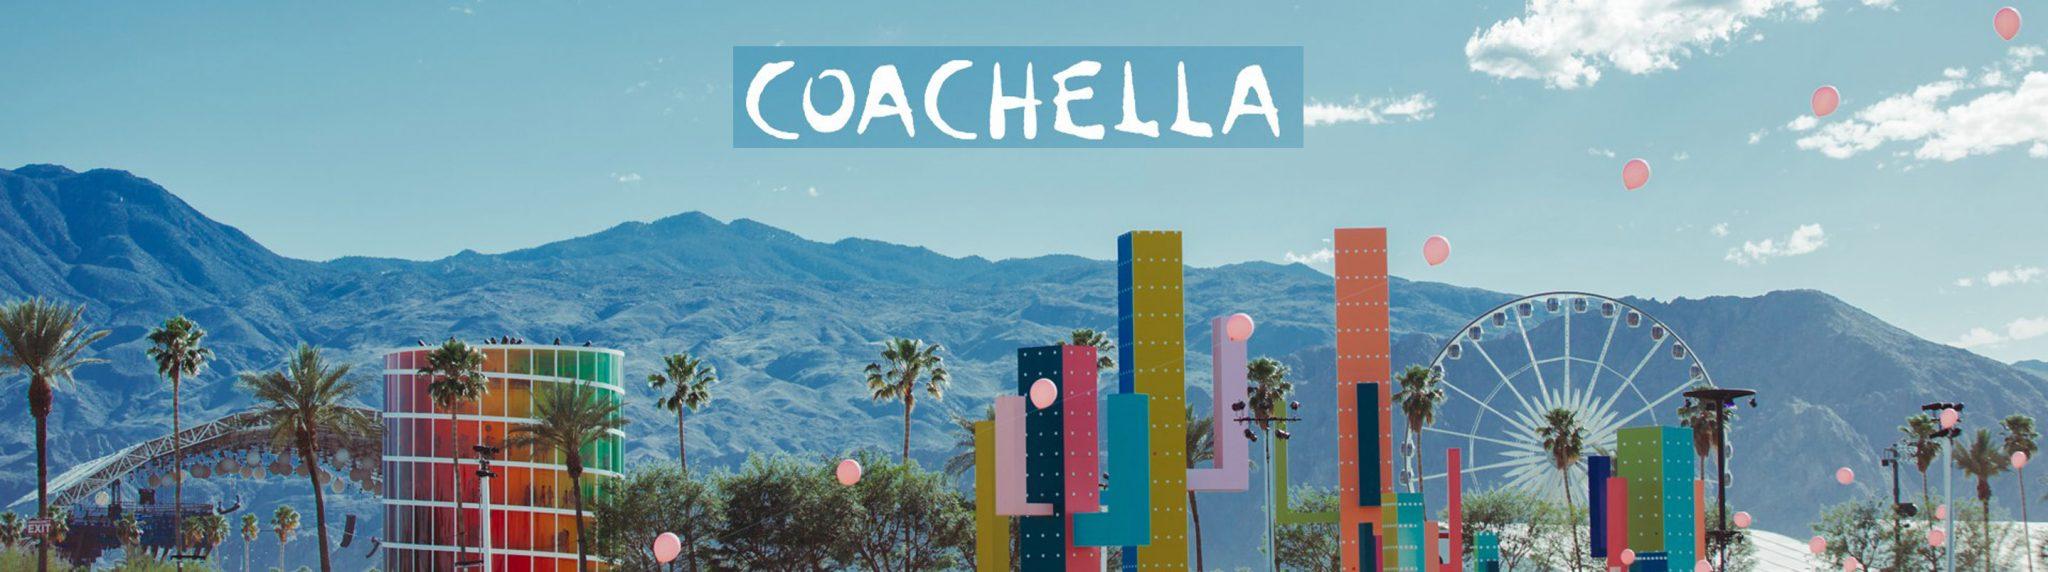 Coachella 2020 la grande Lineup le date di uno dei più grandi Festival mondiali